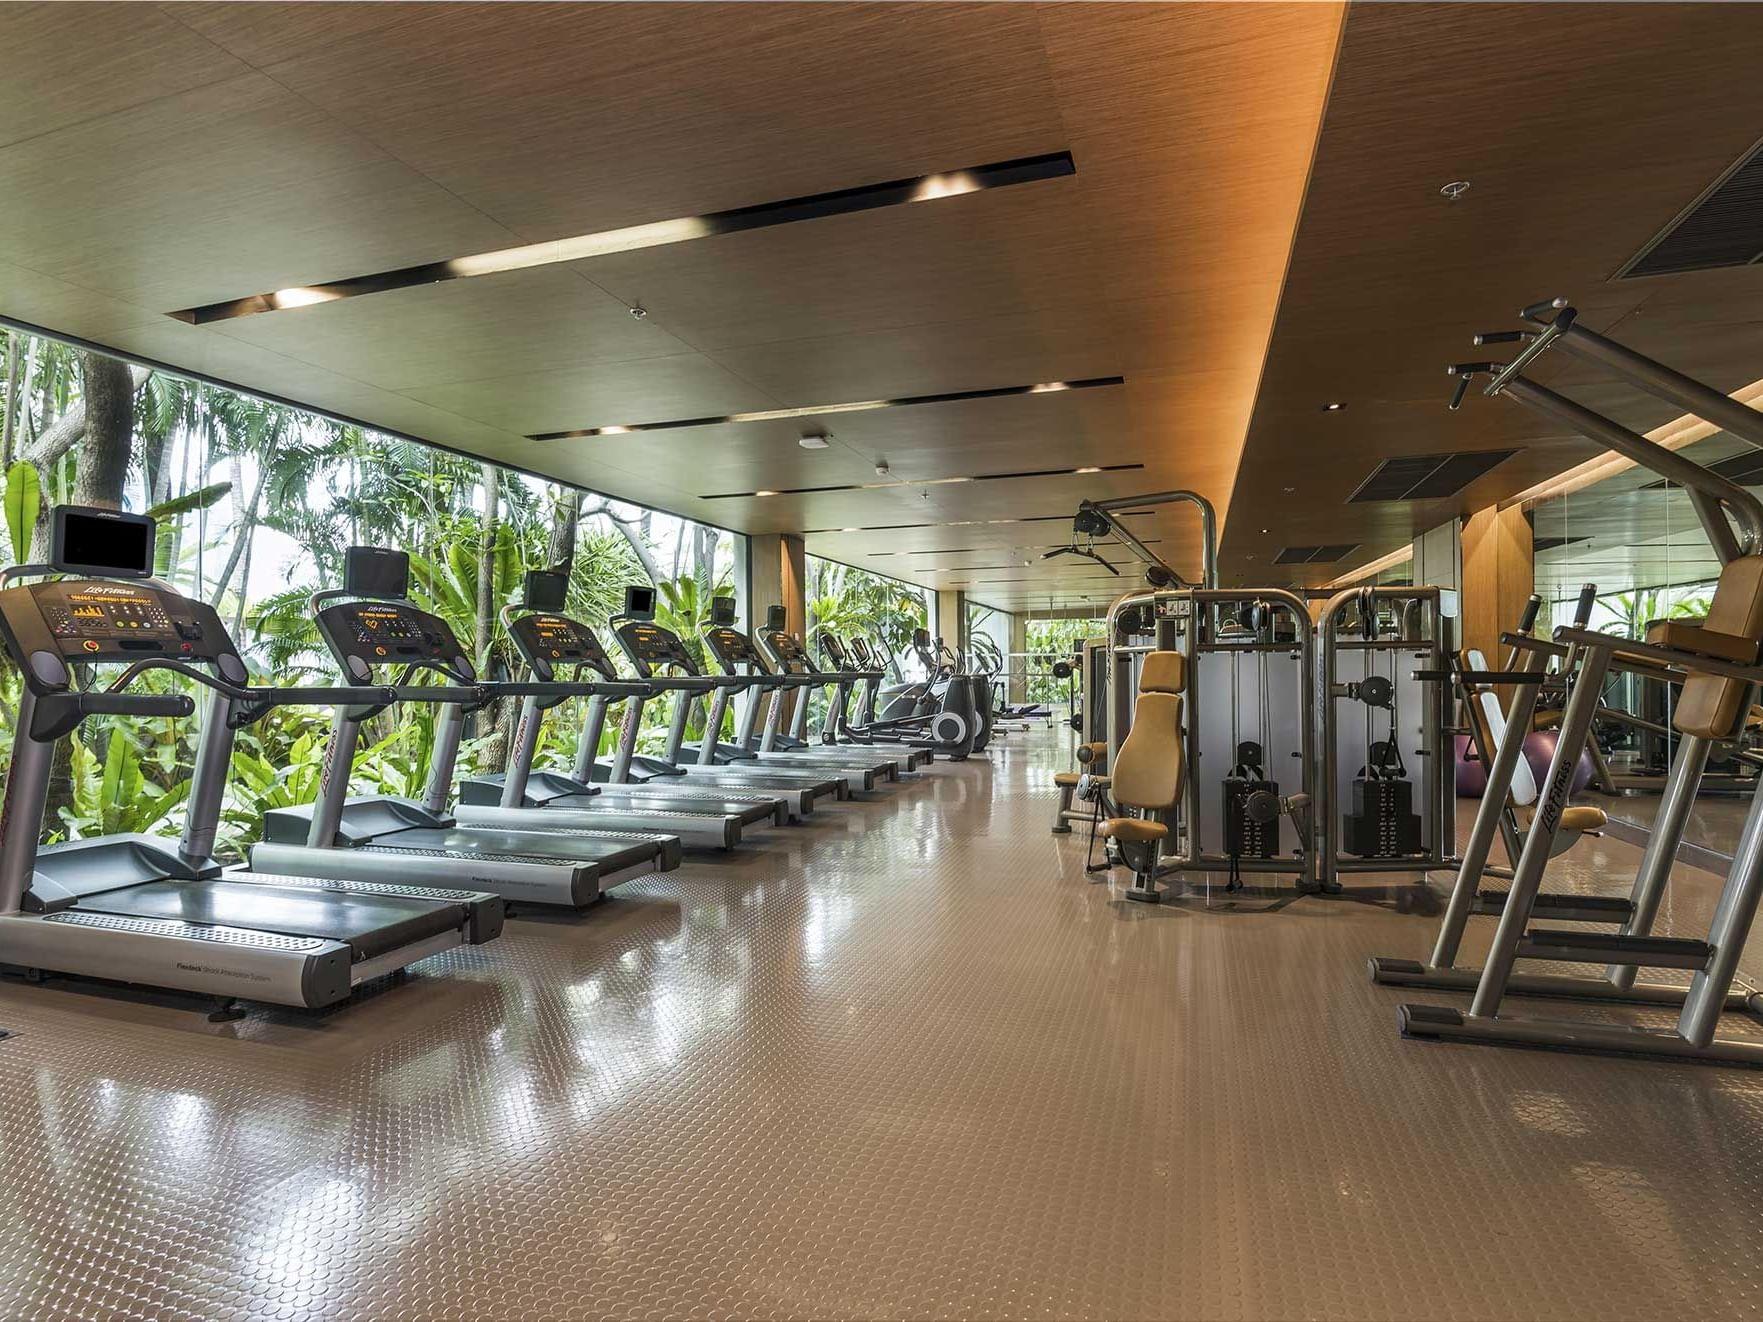 View of Fitness center at Emporium suites at Chatrium hotel